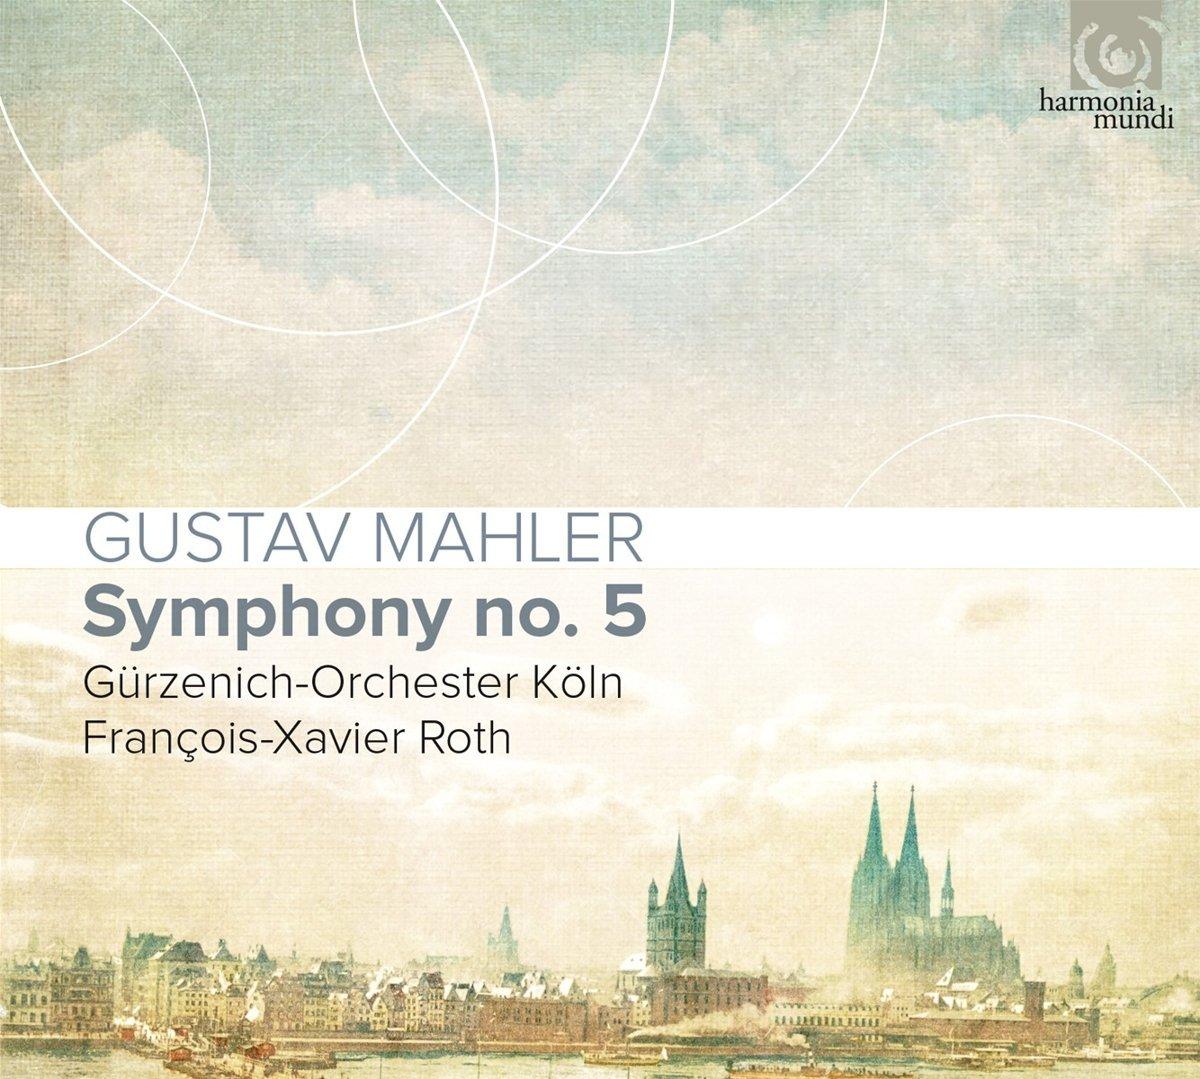 Mahler: Symphony No. 5 - Gurzenich Orchestra, Colo